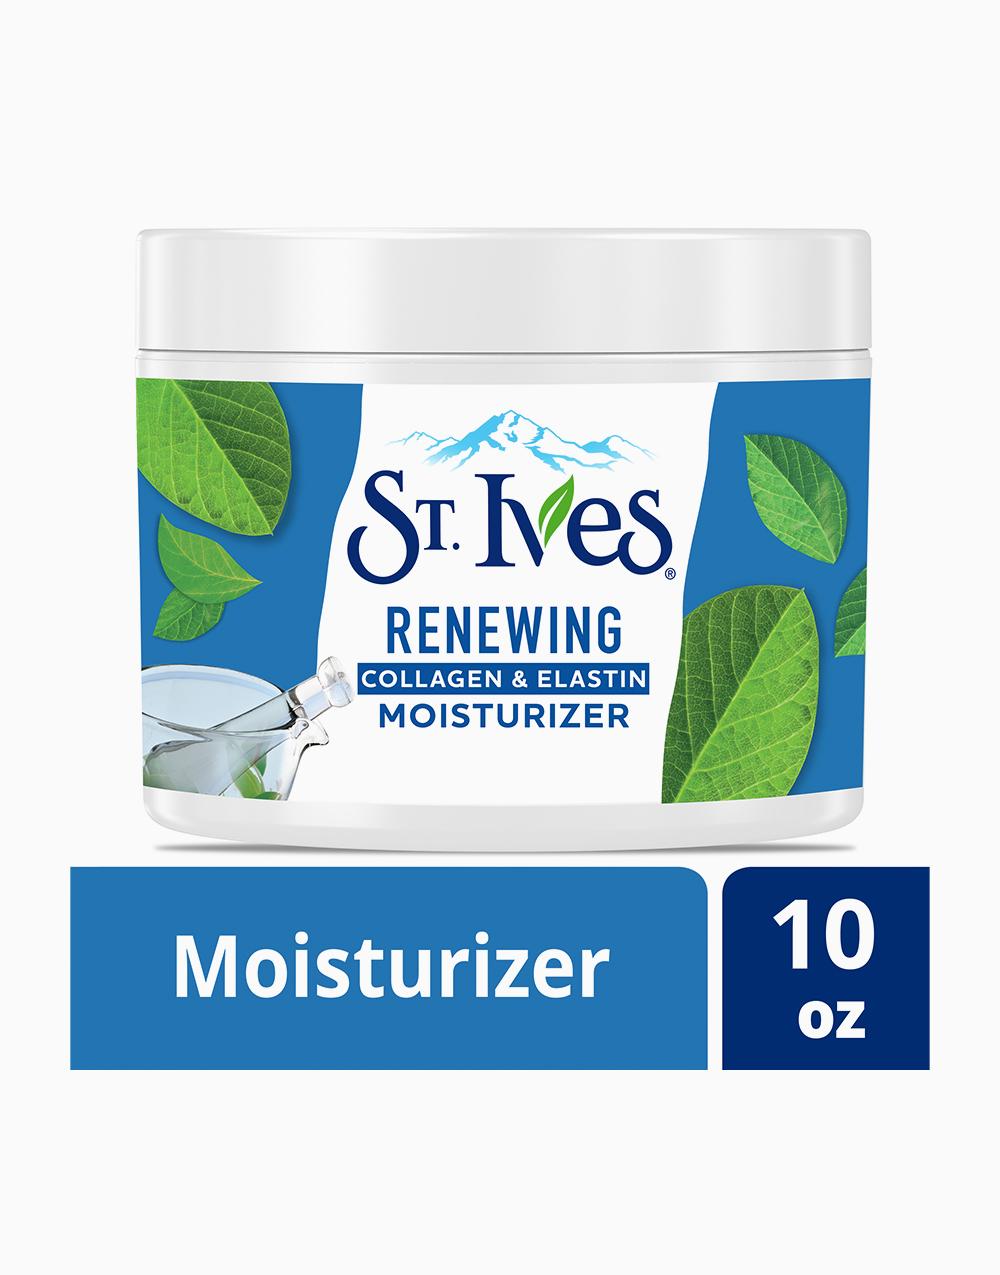 St. Ives Facial Moisturizer Timeless Skin Collagen Elastin (10Oz) by Unilever Beauty